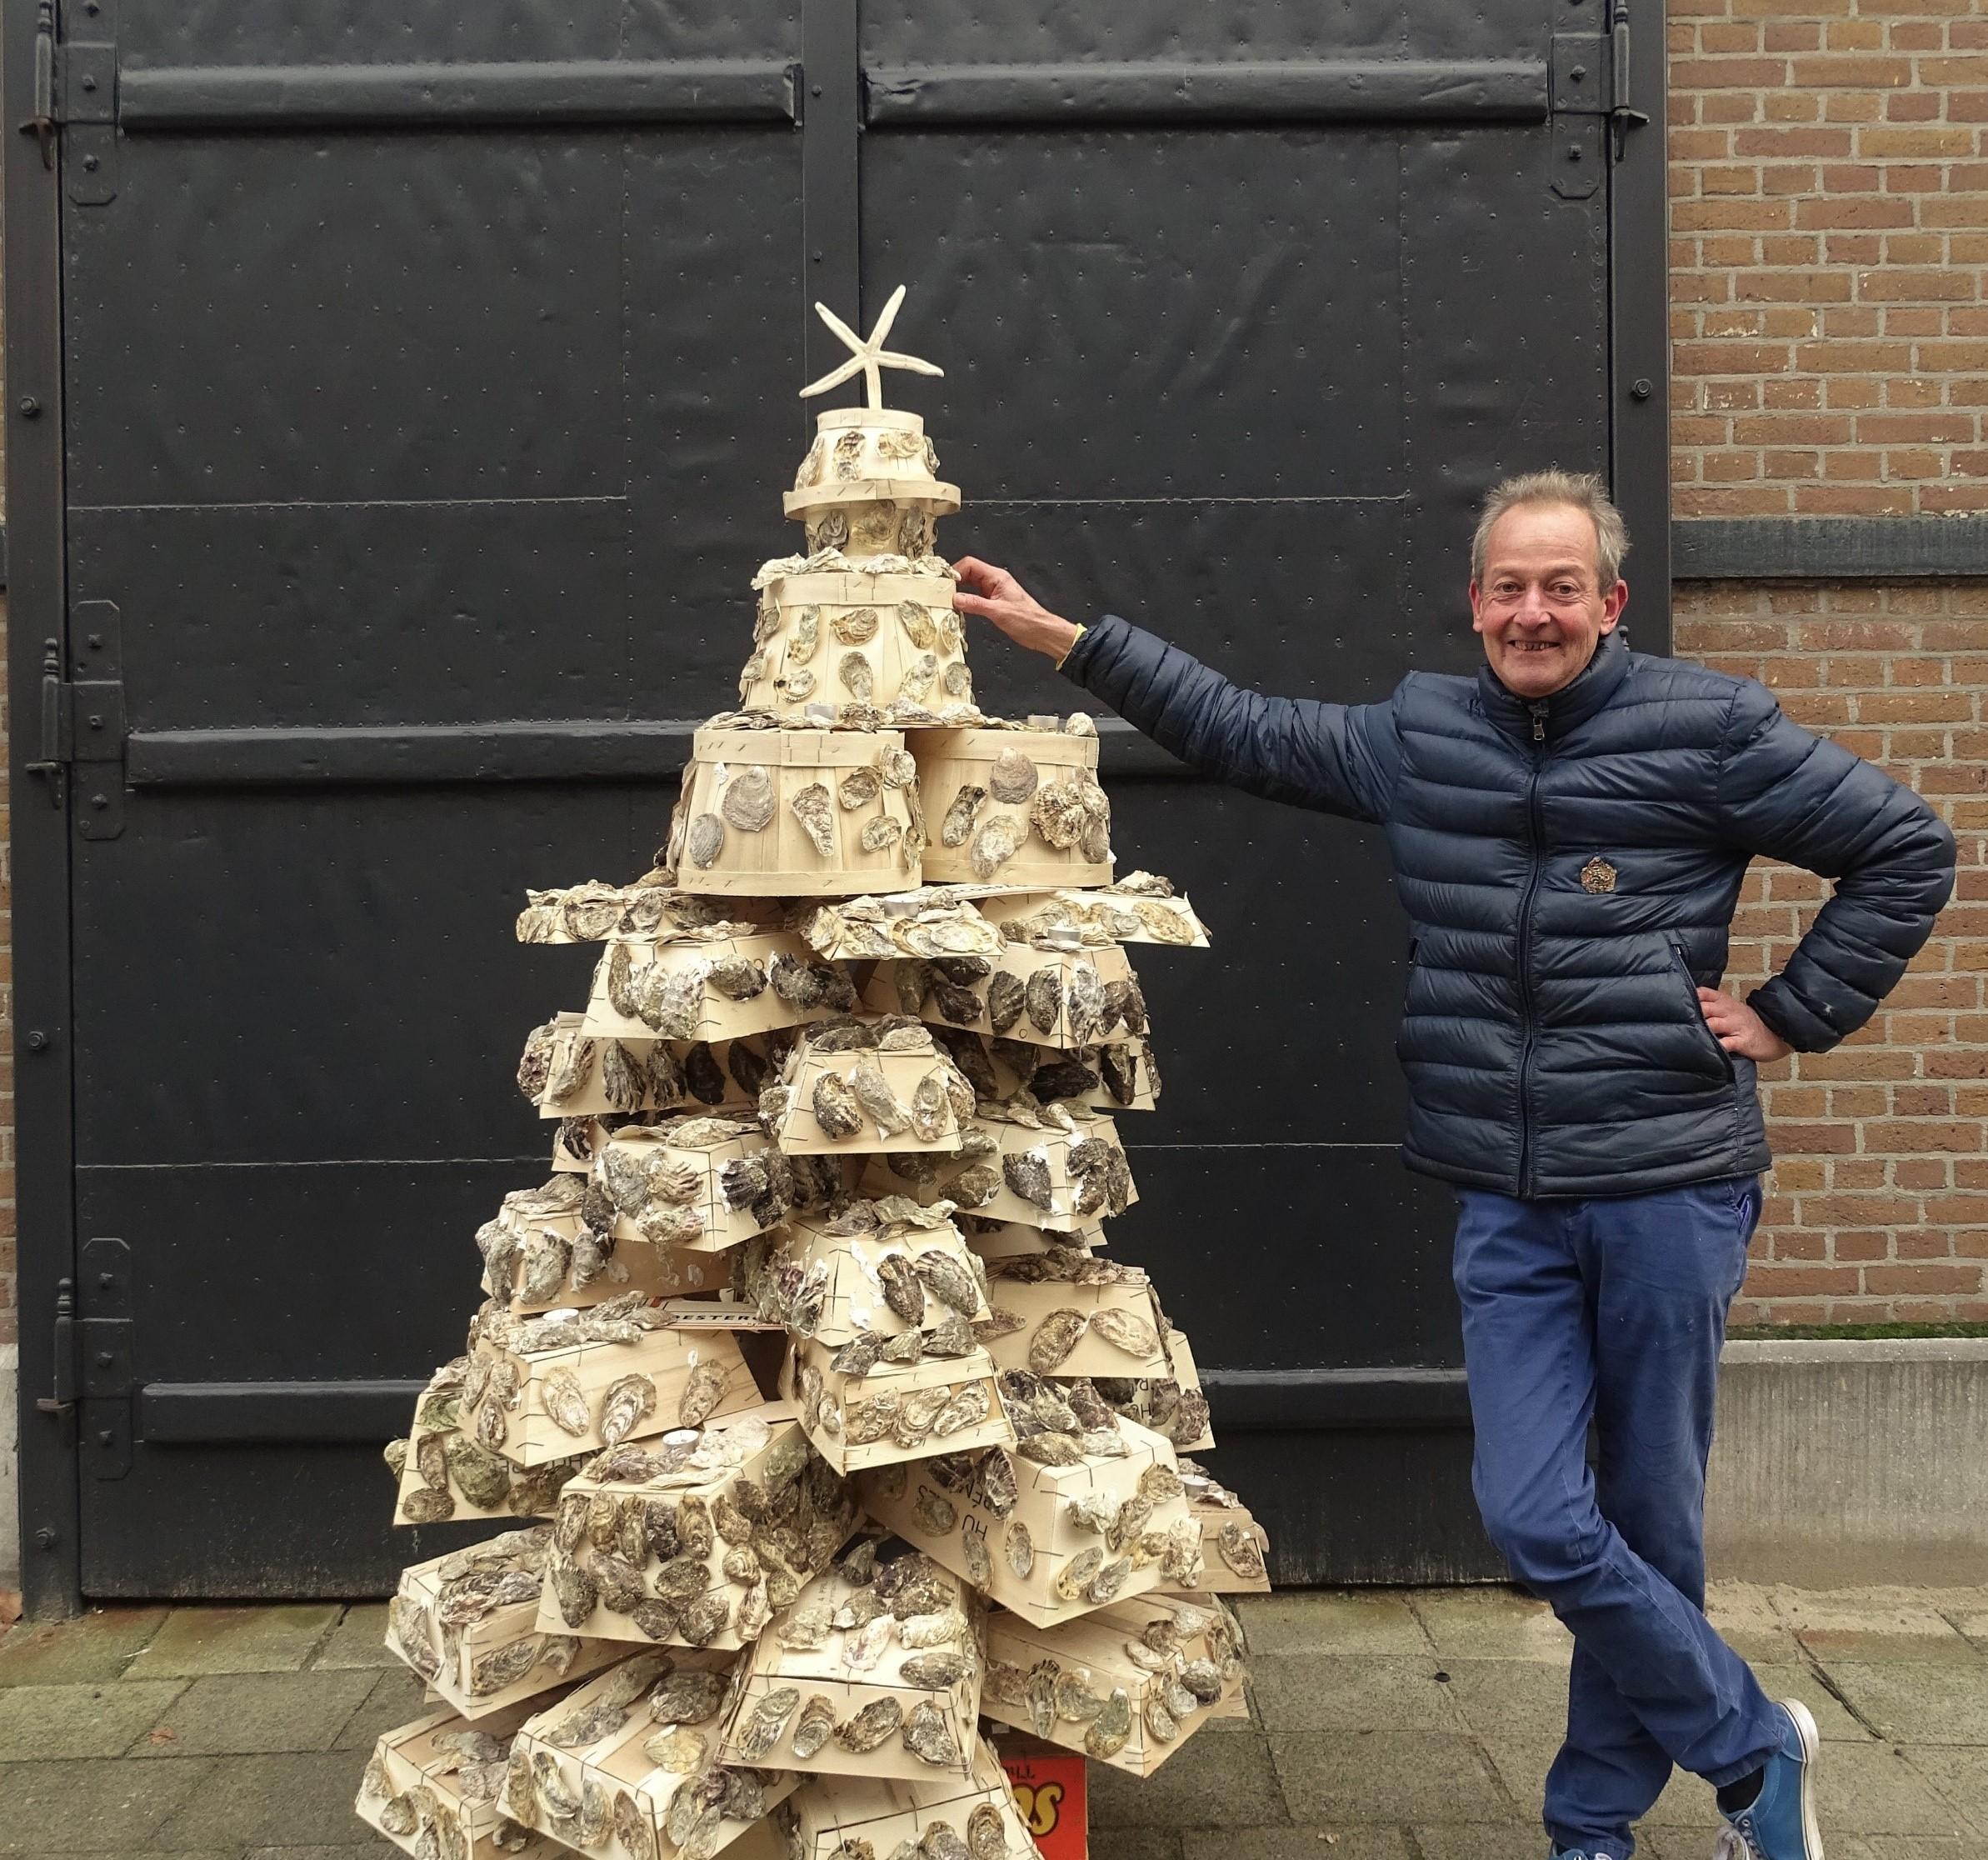 Tony en kerstboom van Oestermandjes en oesterschelpen